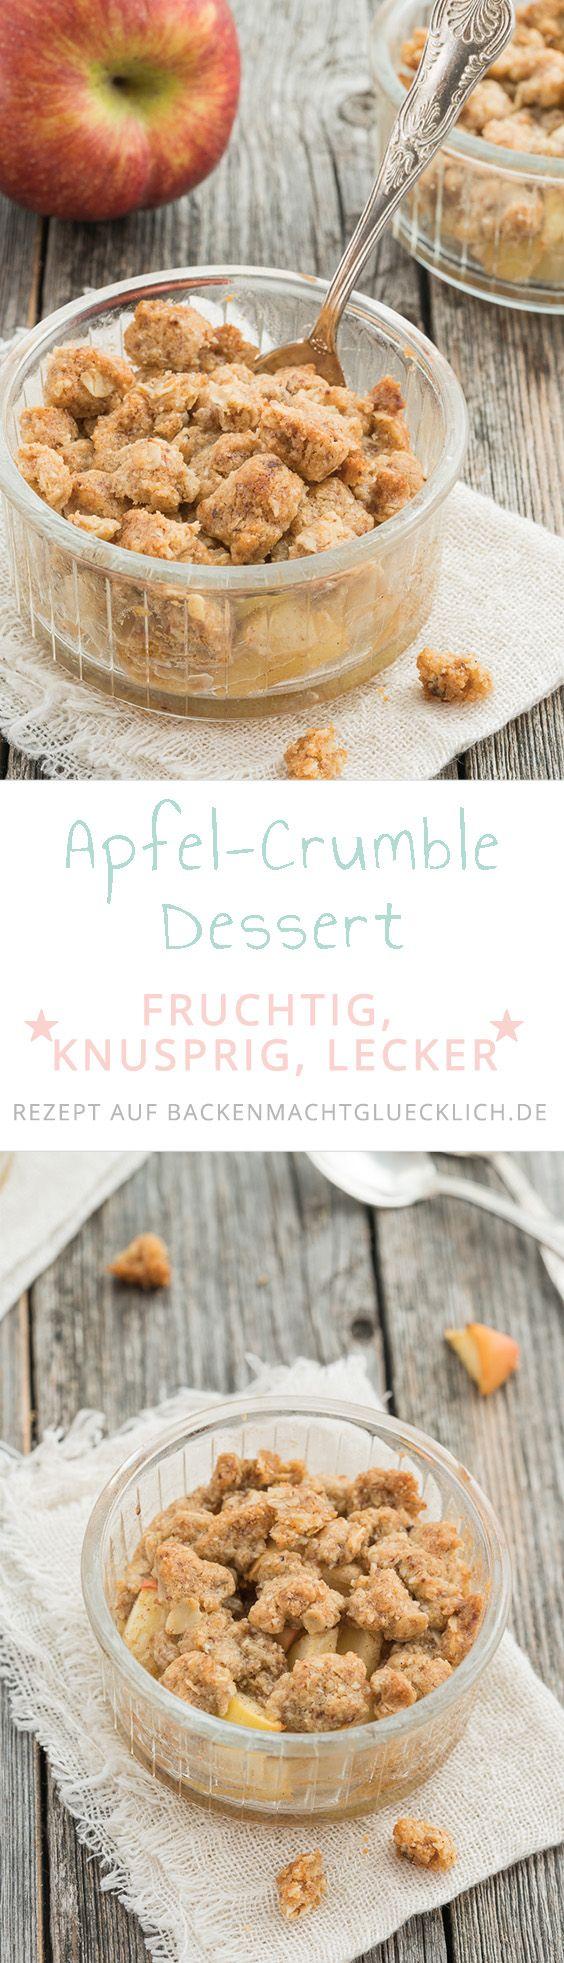 Fruchtiges Obst unter knuspriger Streuselhaube: Apple Crumble mit Haferflocken ist einfach ein köstliches Dessert! Der Apfel-Crumble schmeckt pur, aber auch mit Vanillesoße oder Eiscreme toll.